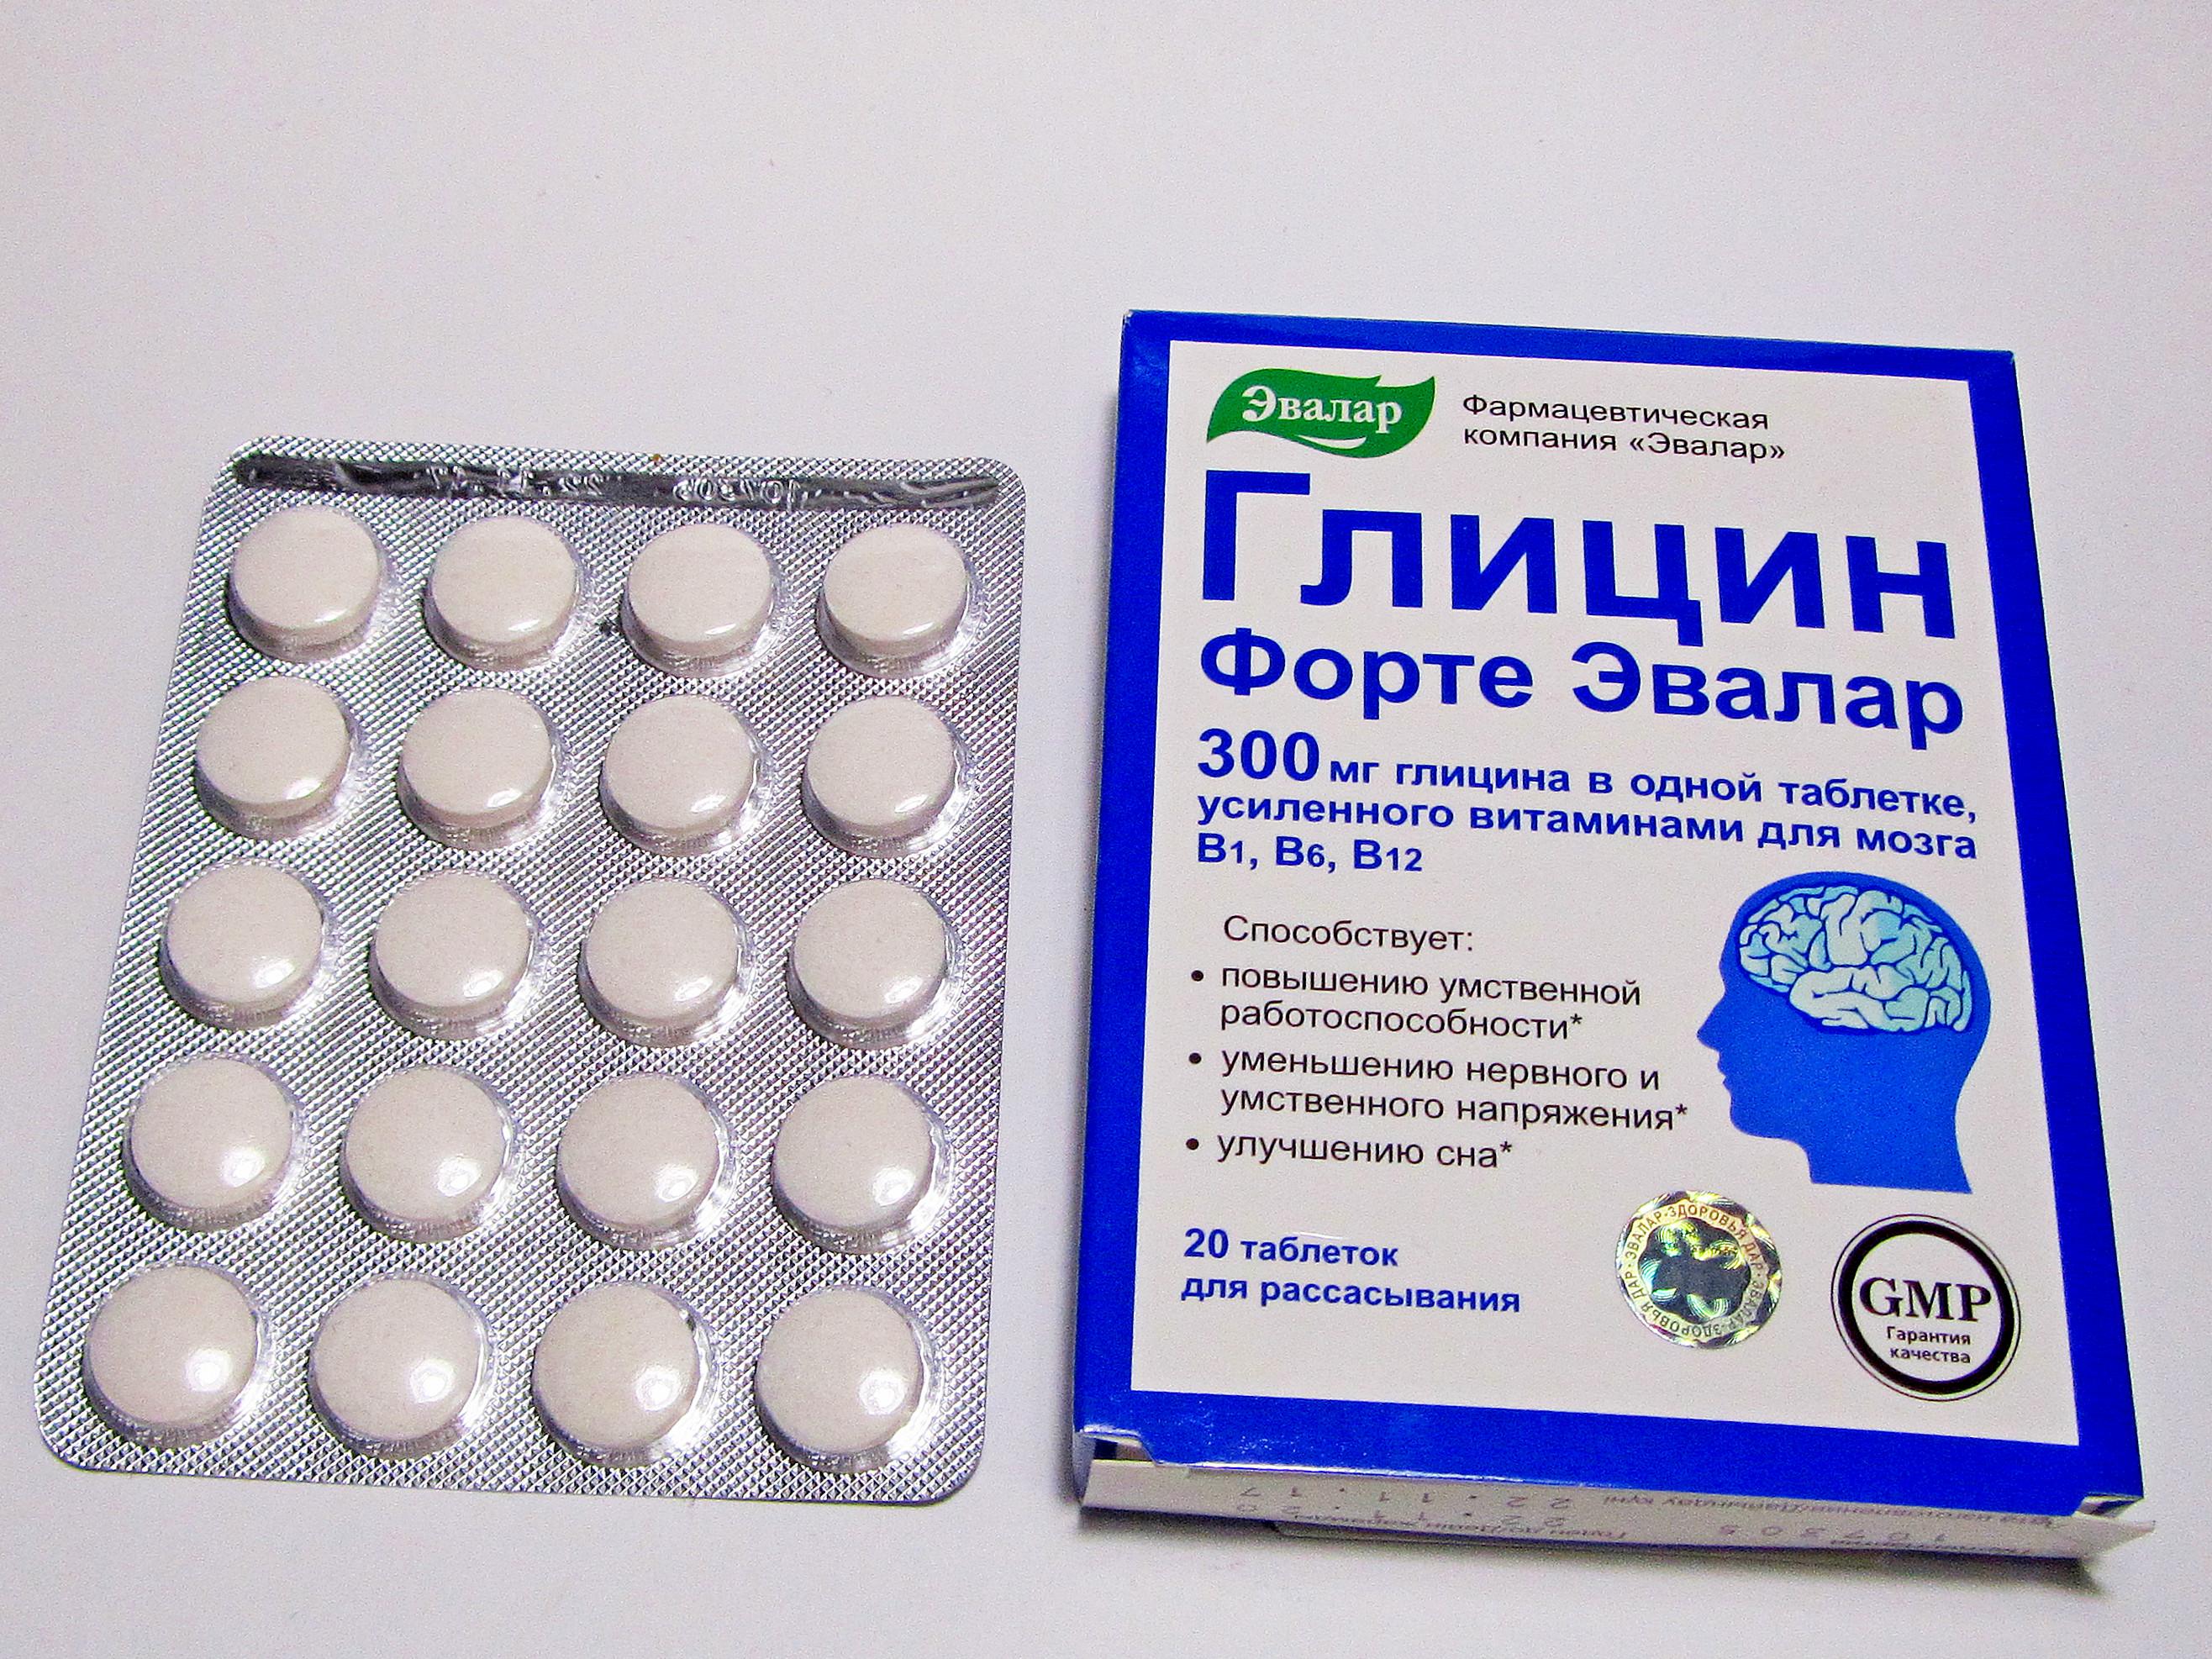 Официальная инструкция к препарату глицин (биотики)